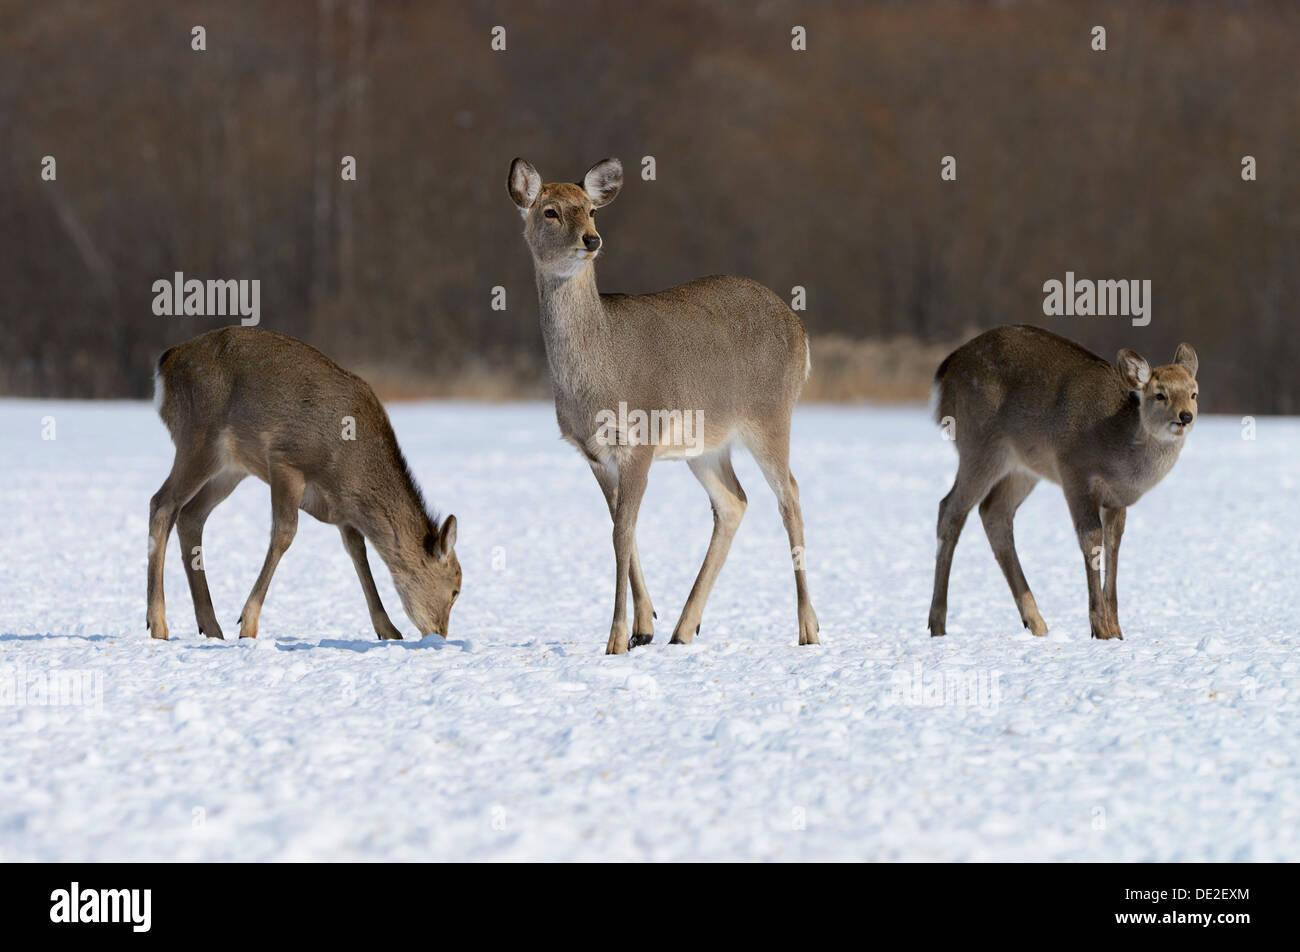 Hokkaido sika deer, Spotted deer or Japanese deer (Cervus nippon yesoensis), hinds, foraging for food in snow - Stock Image